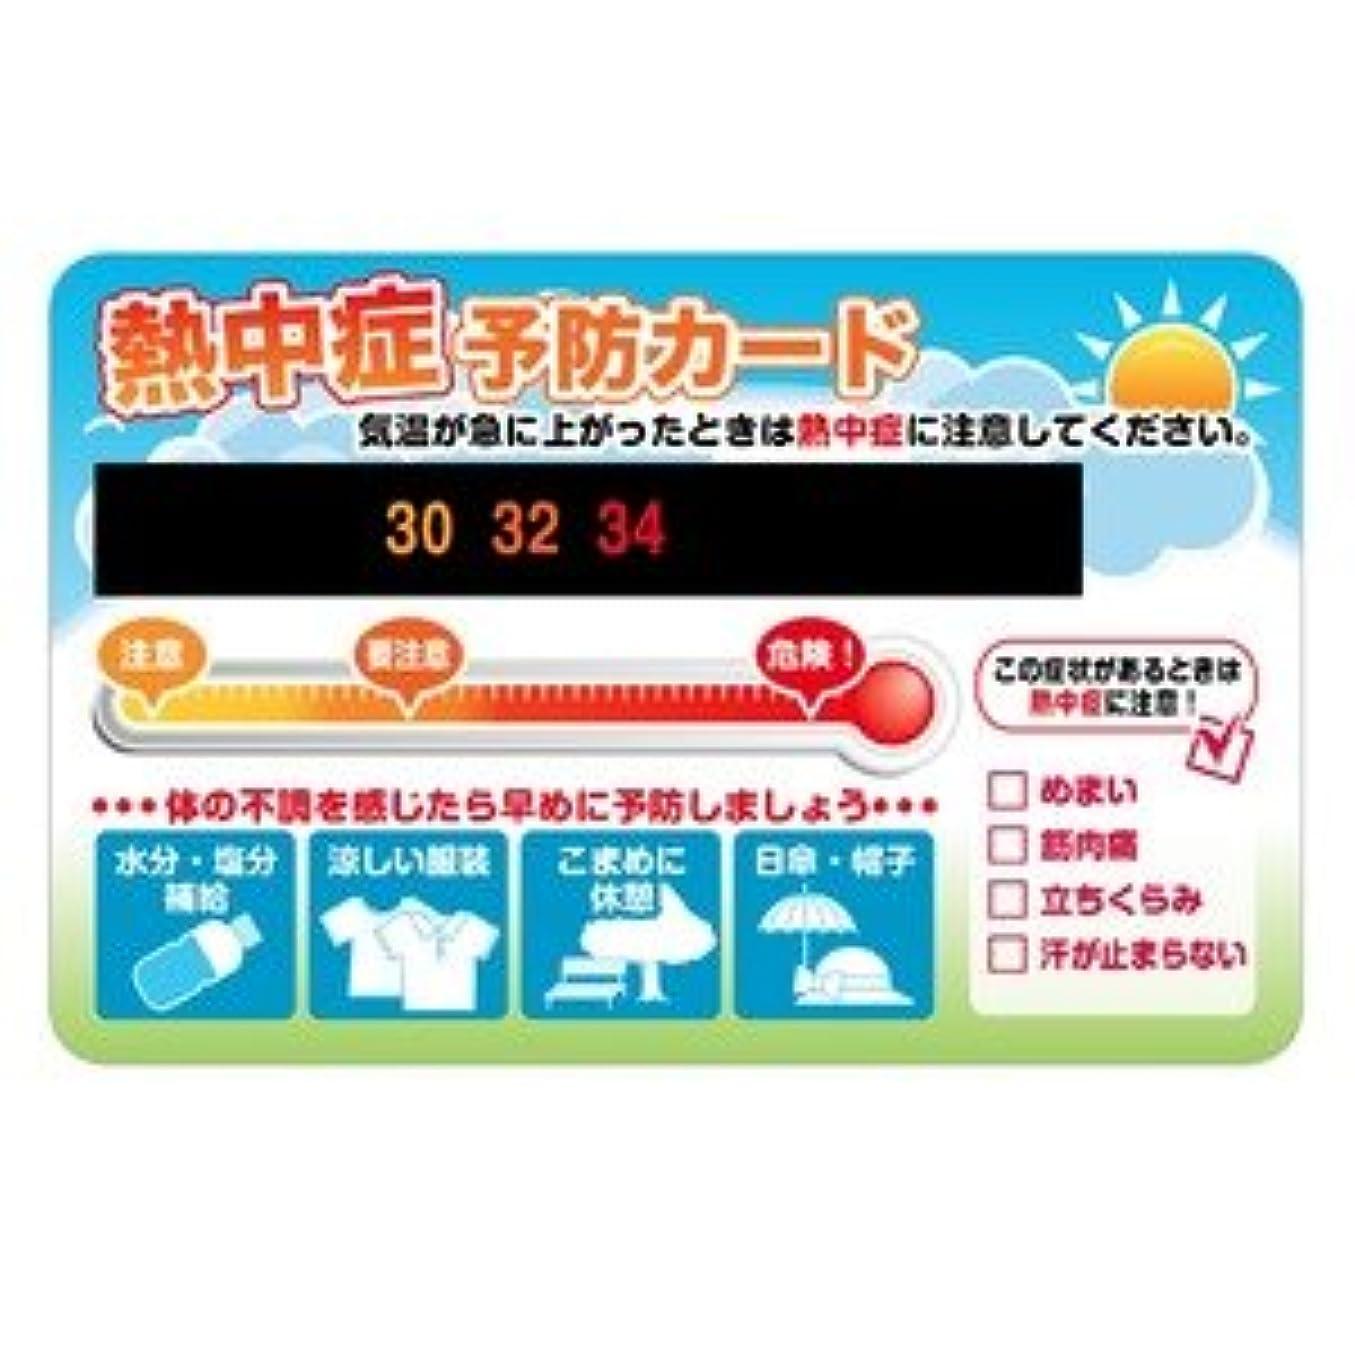 デッドロックスラダム糞熱中症予防カード?NE2 【100枚セット】 熱中症対策